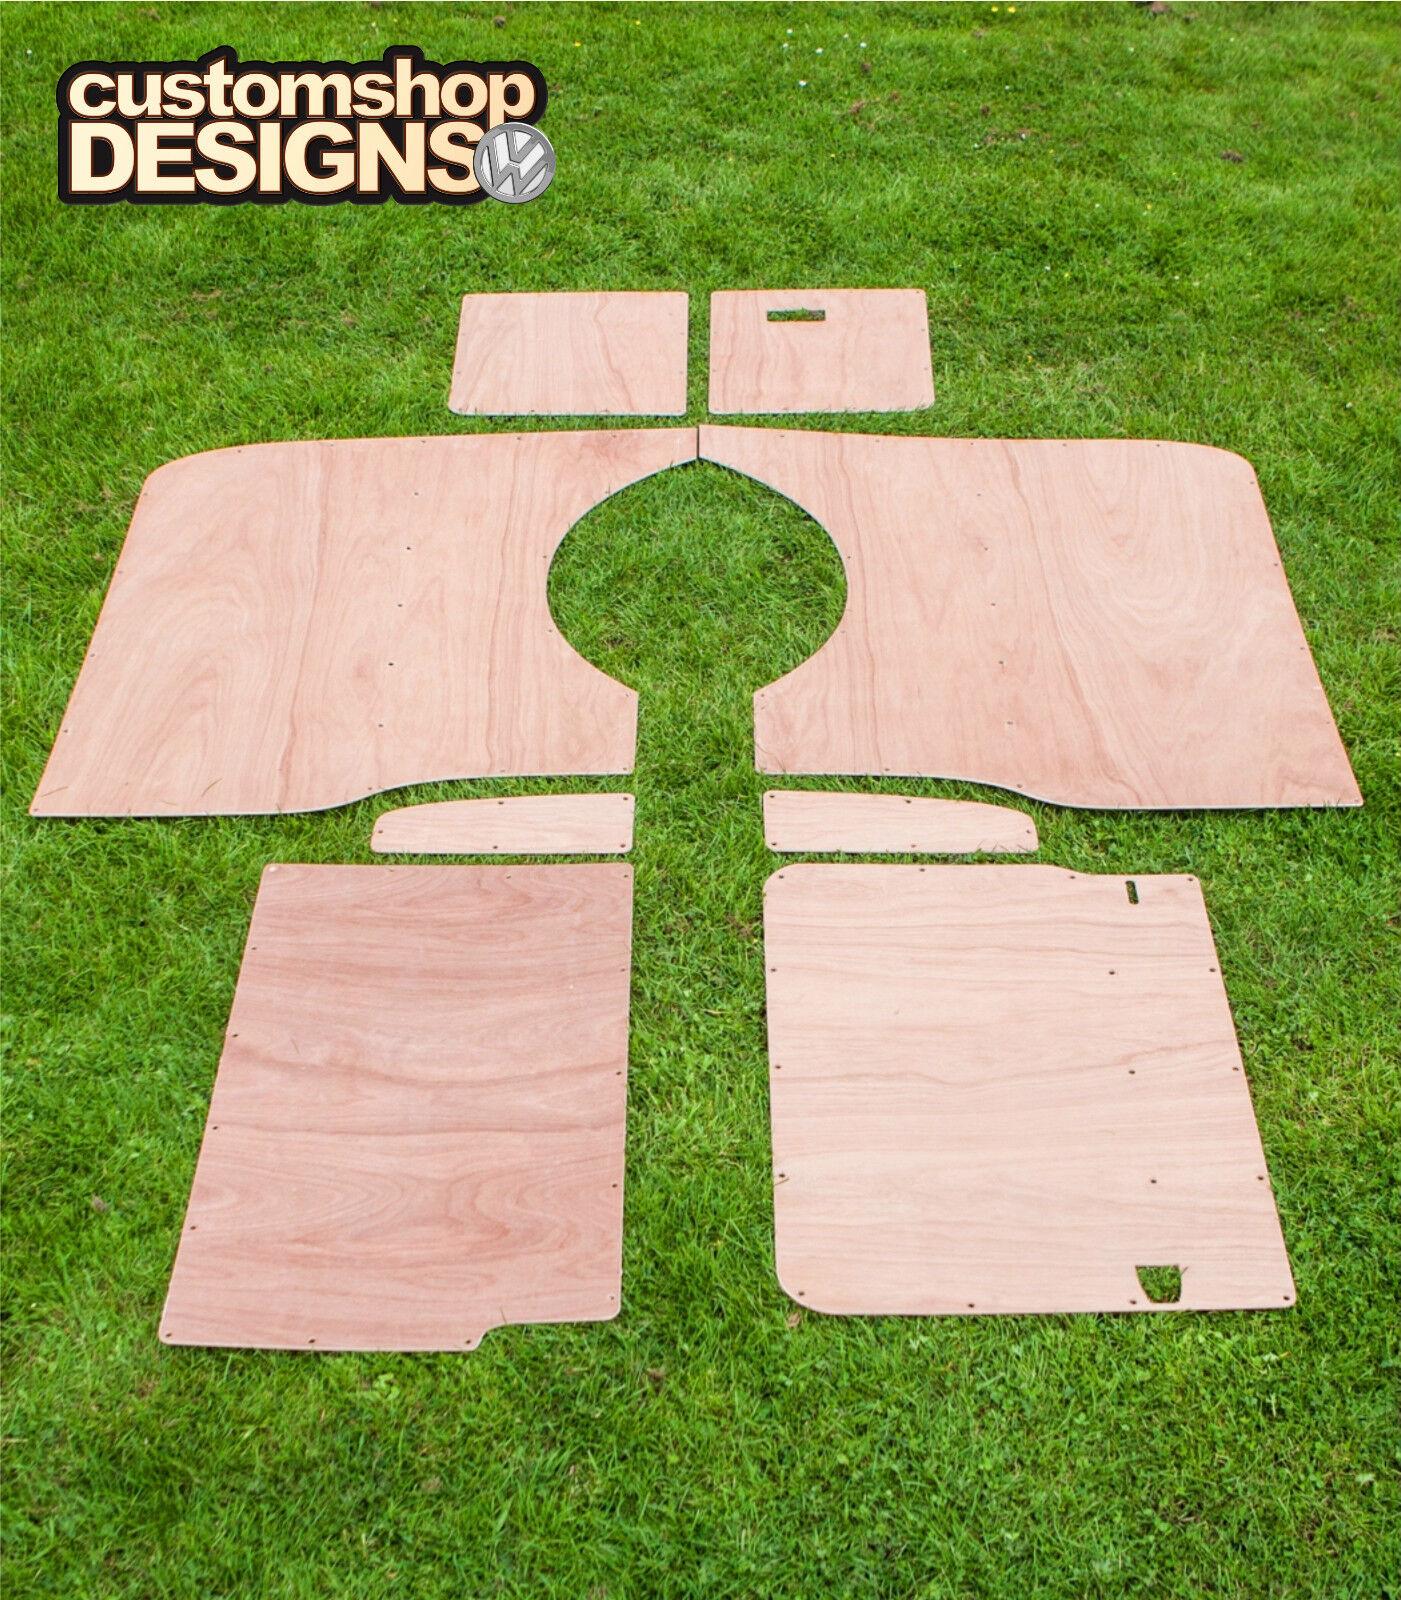 Vw T5 Transporter Lwb Camper Day Van Interior Panels 6mm Ply Lining Trim Kit For Sale Online